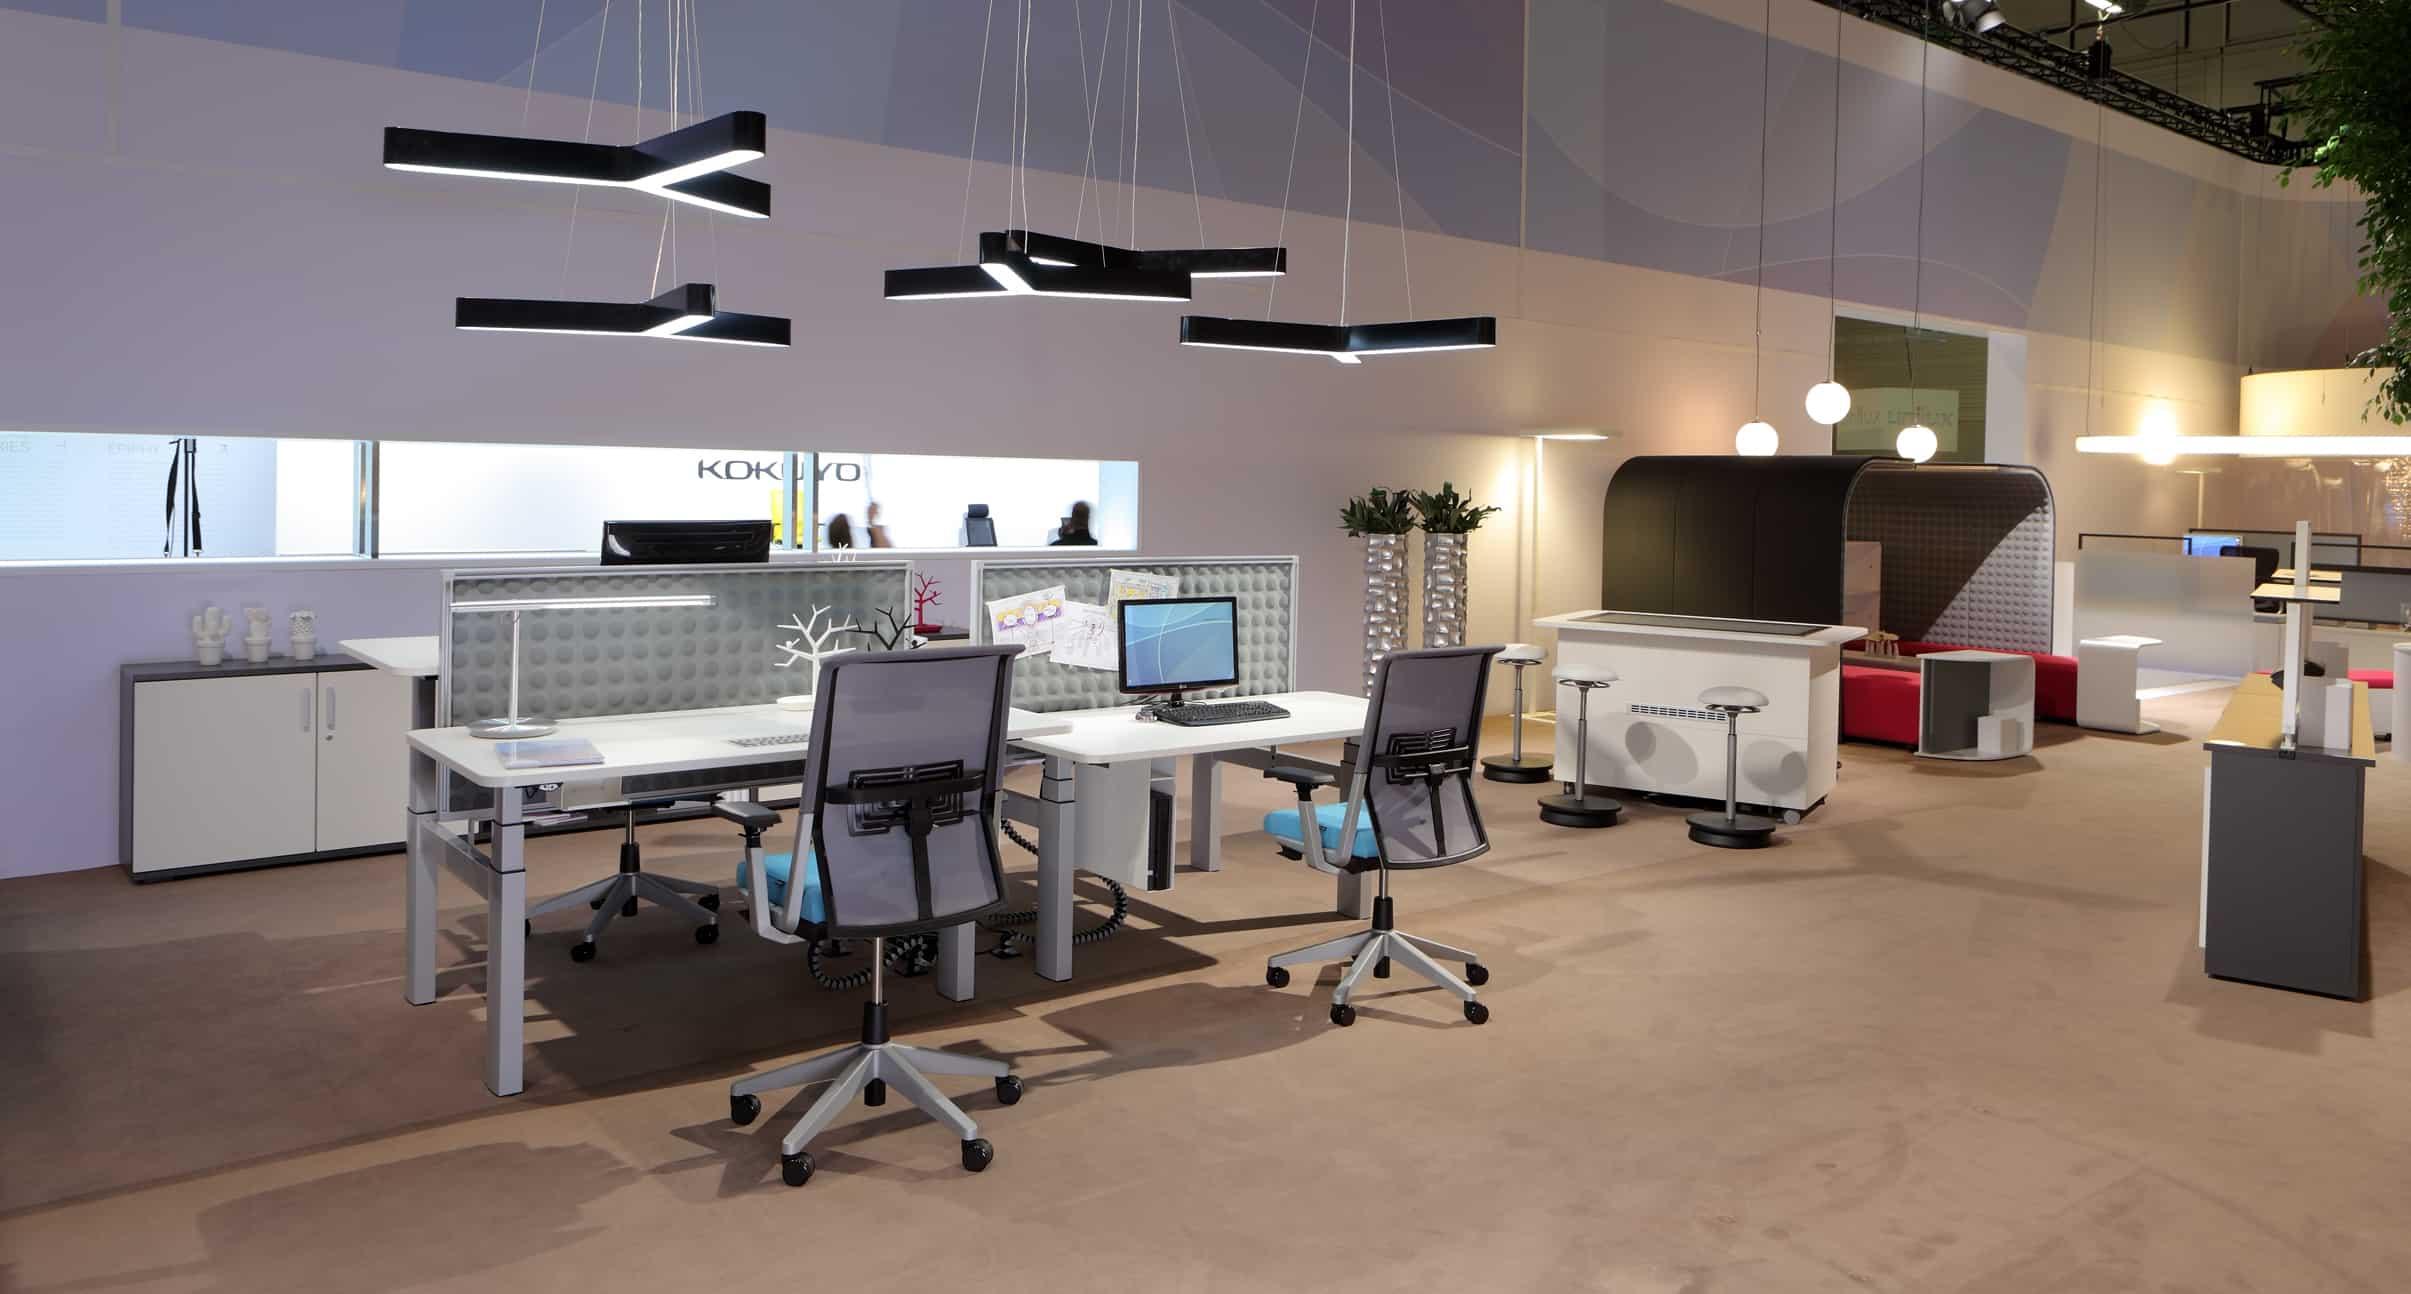 D nde se ubican los prestamistas m s importantes en madrid for Imagenes oficinas modernas